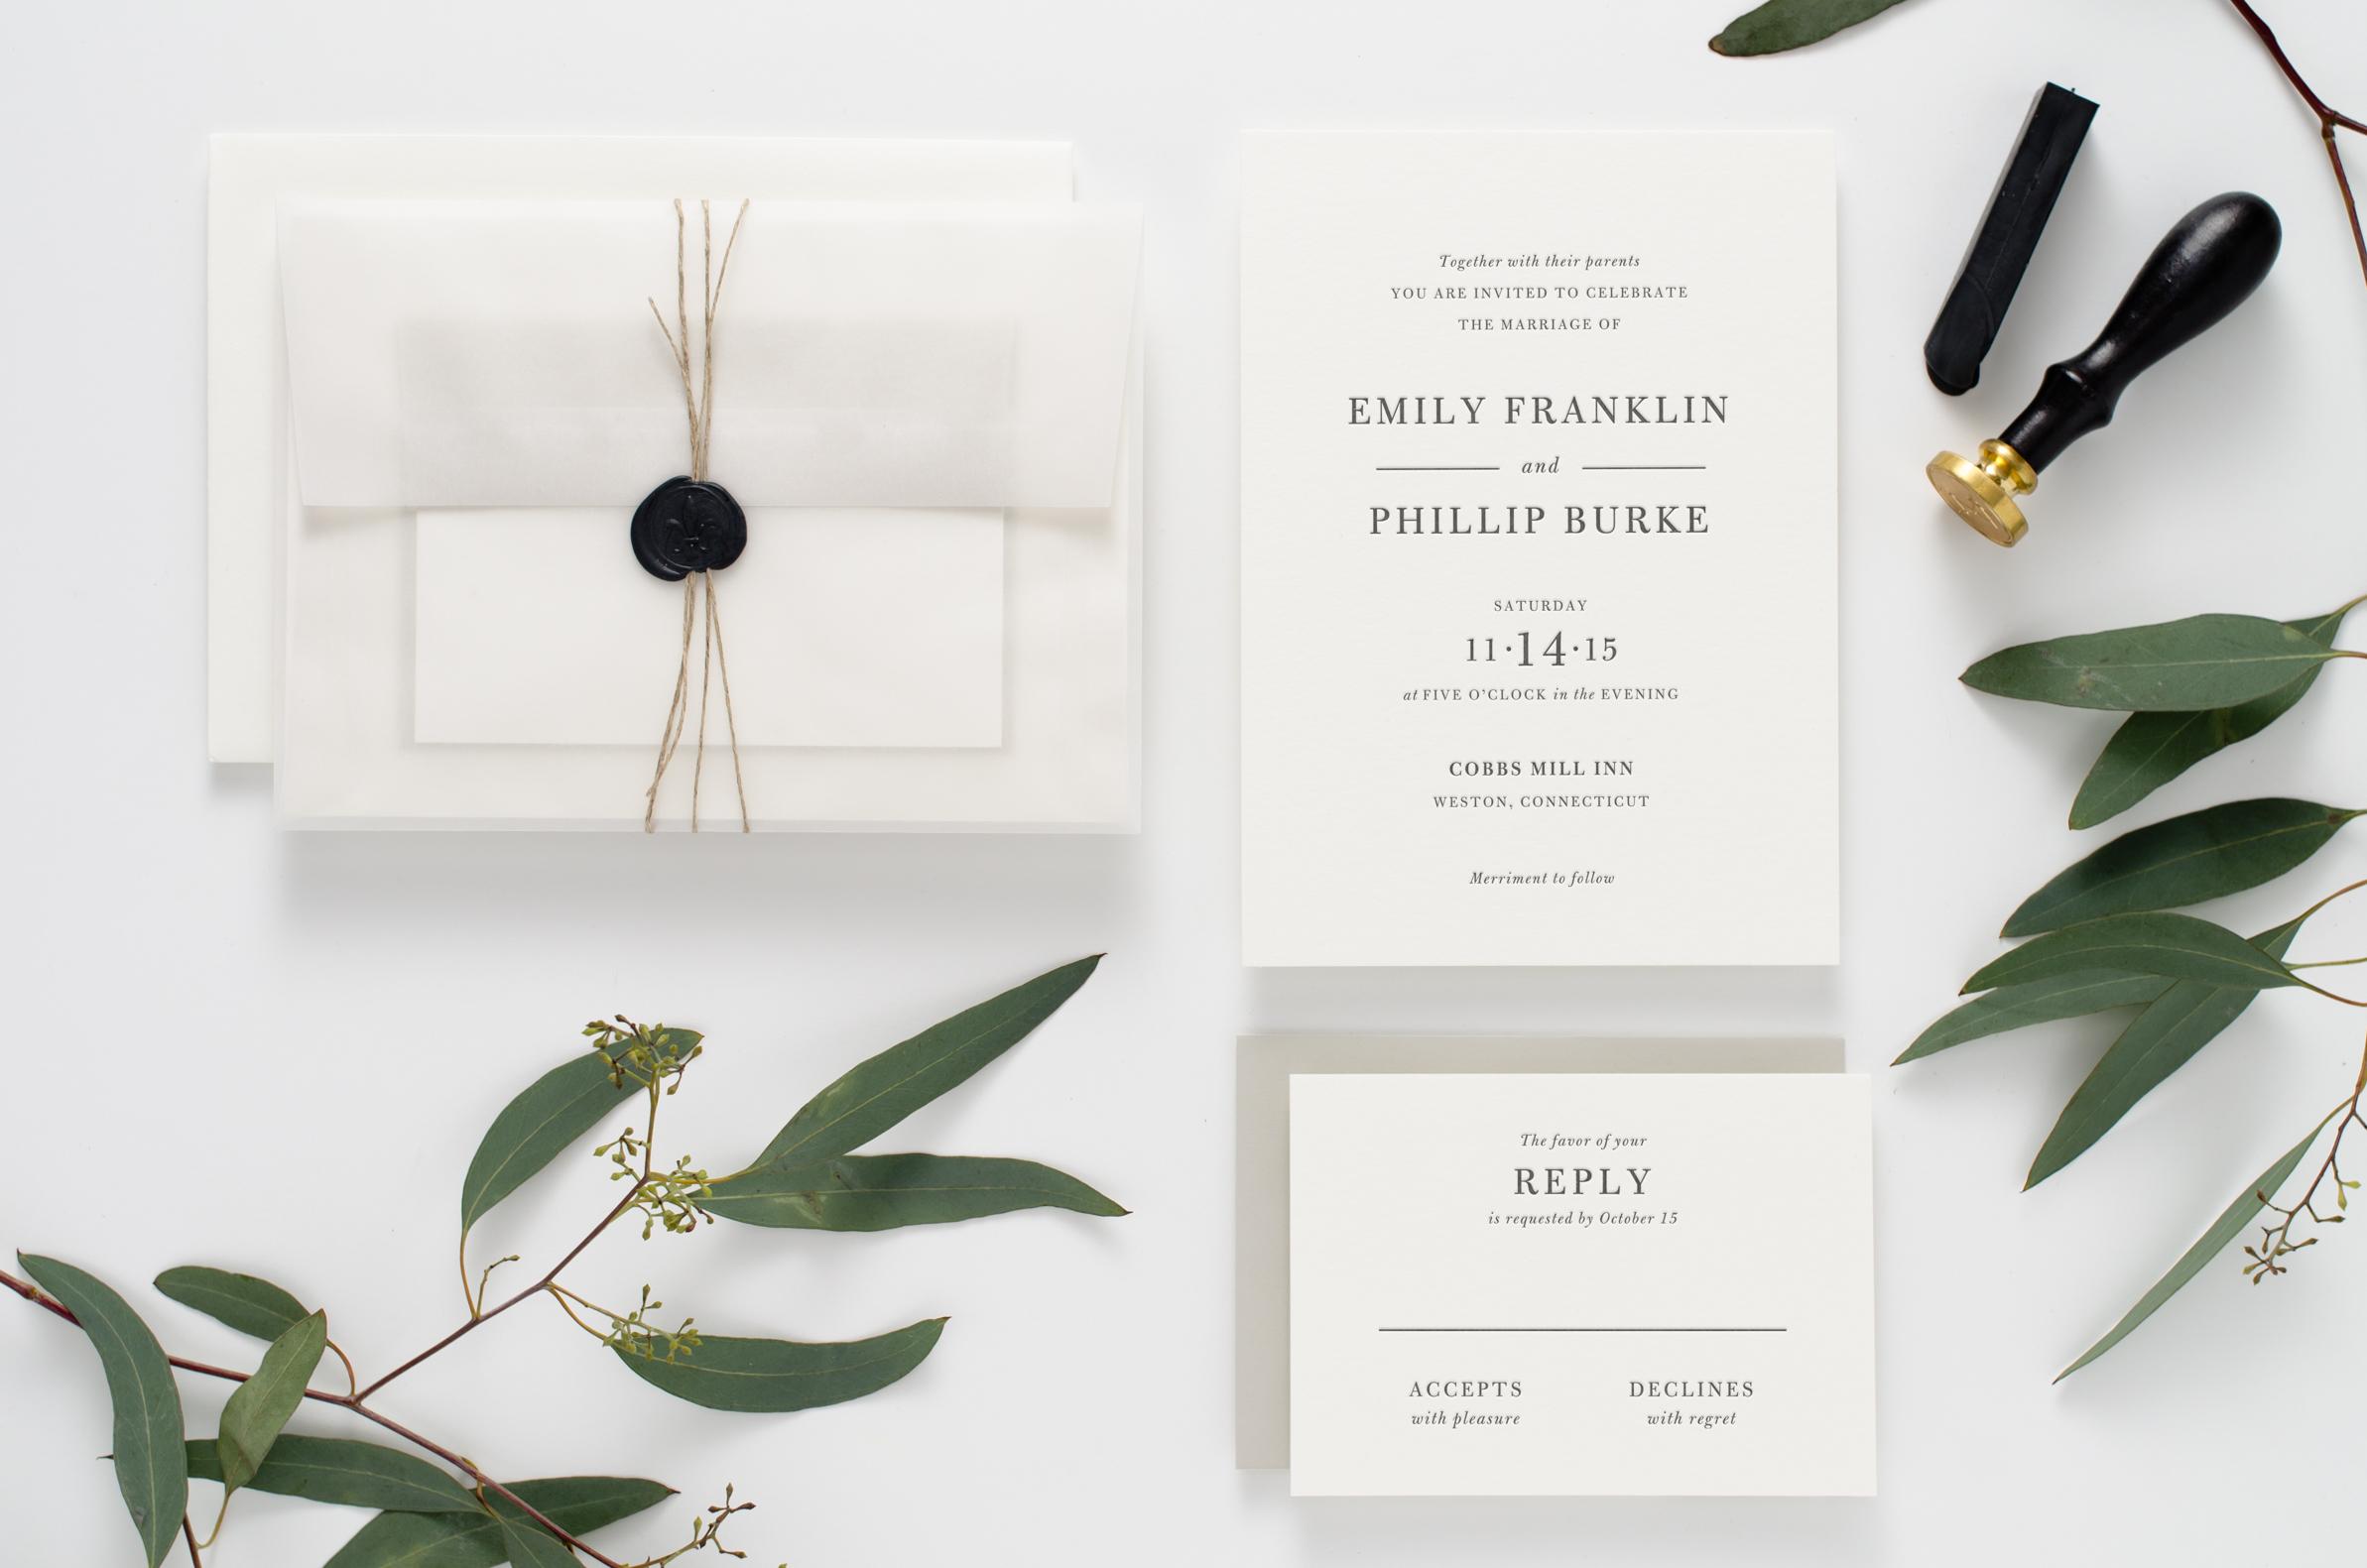 Bold, clean, unique letterpress wedding invitation suite with vellum outer envelope